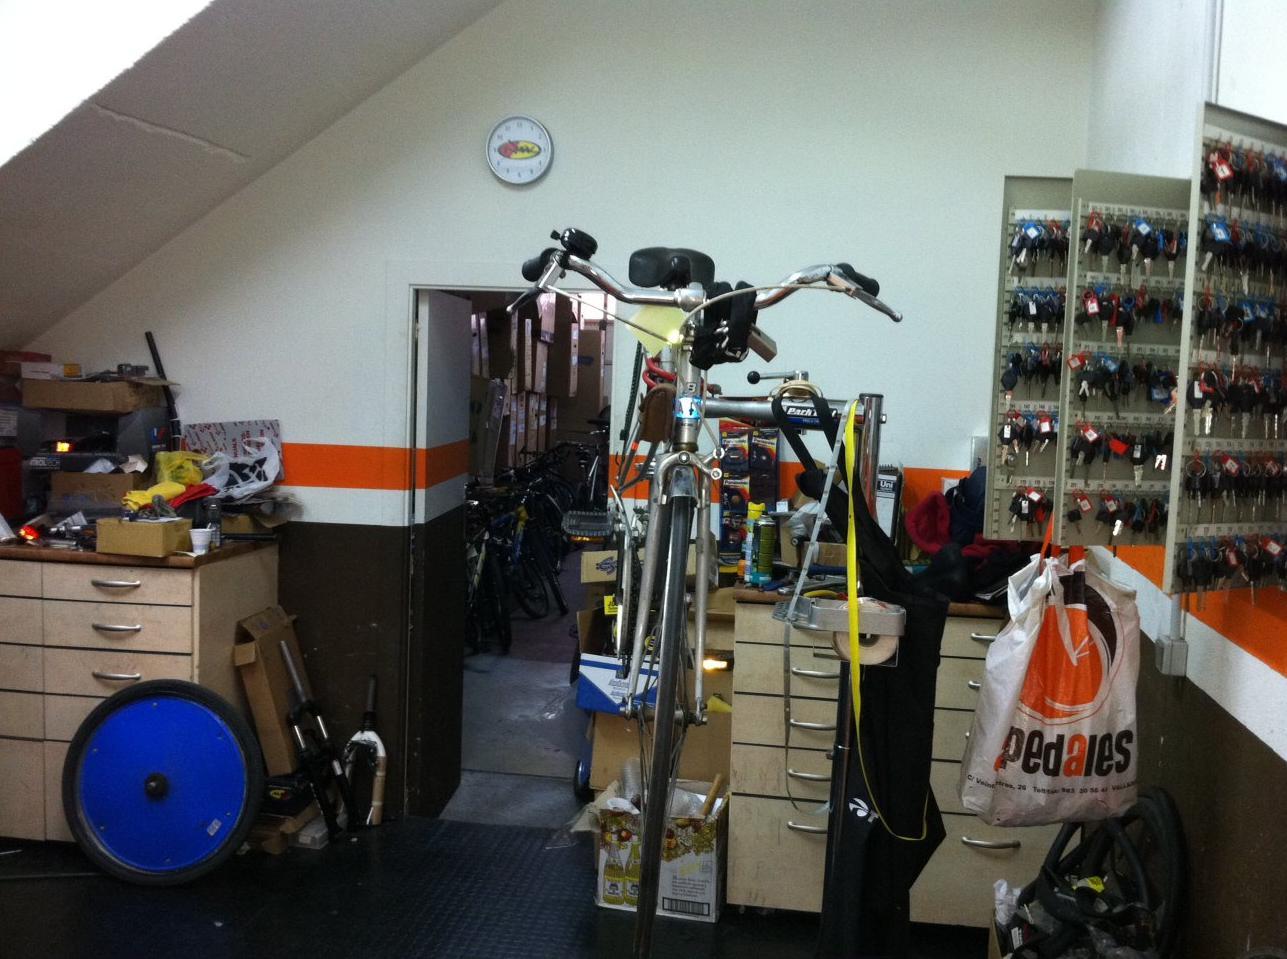 Foto 31 de Bicicletas en Valladolid | Apedales